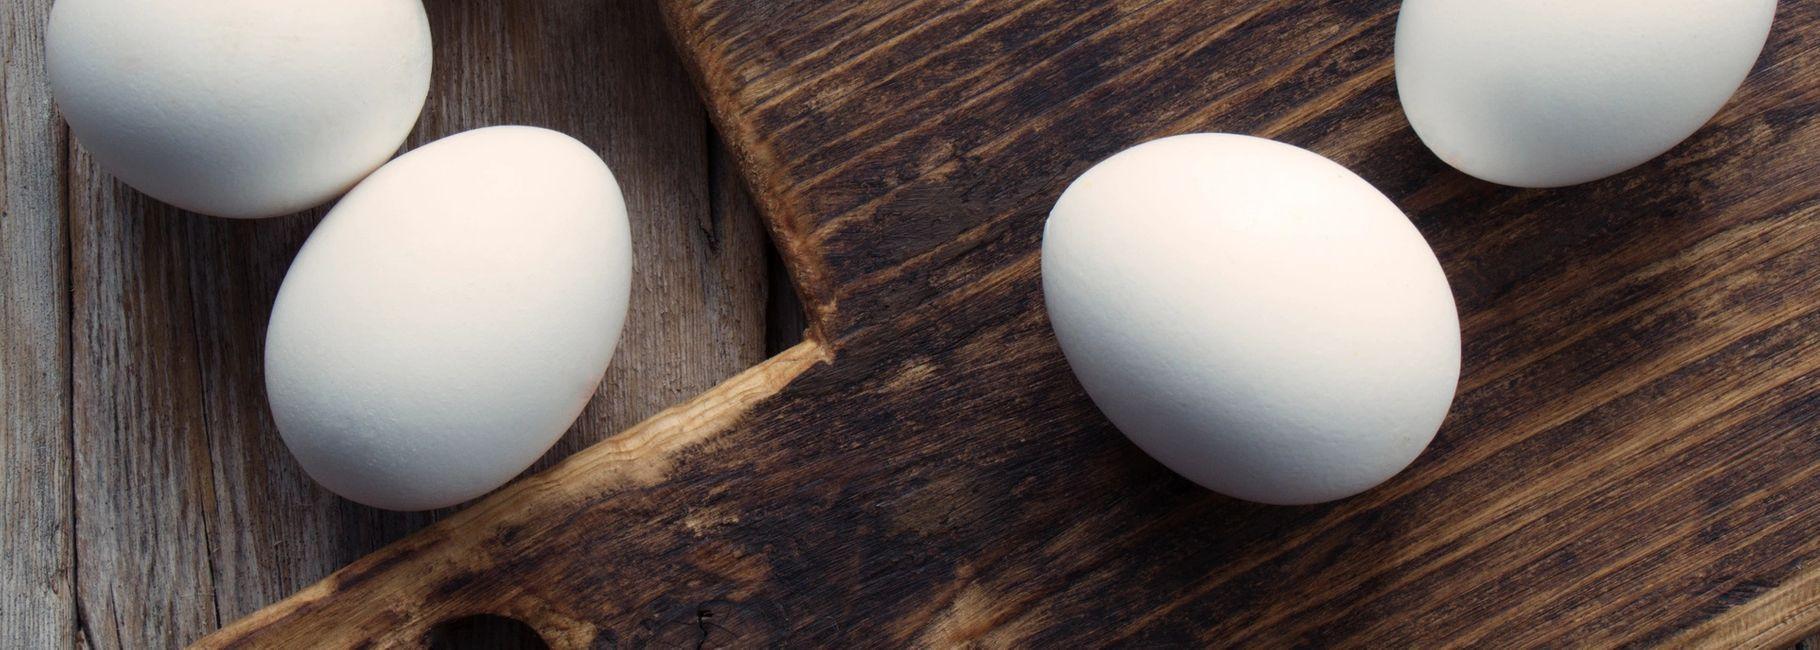 Smoky Deviled Eggs